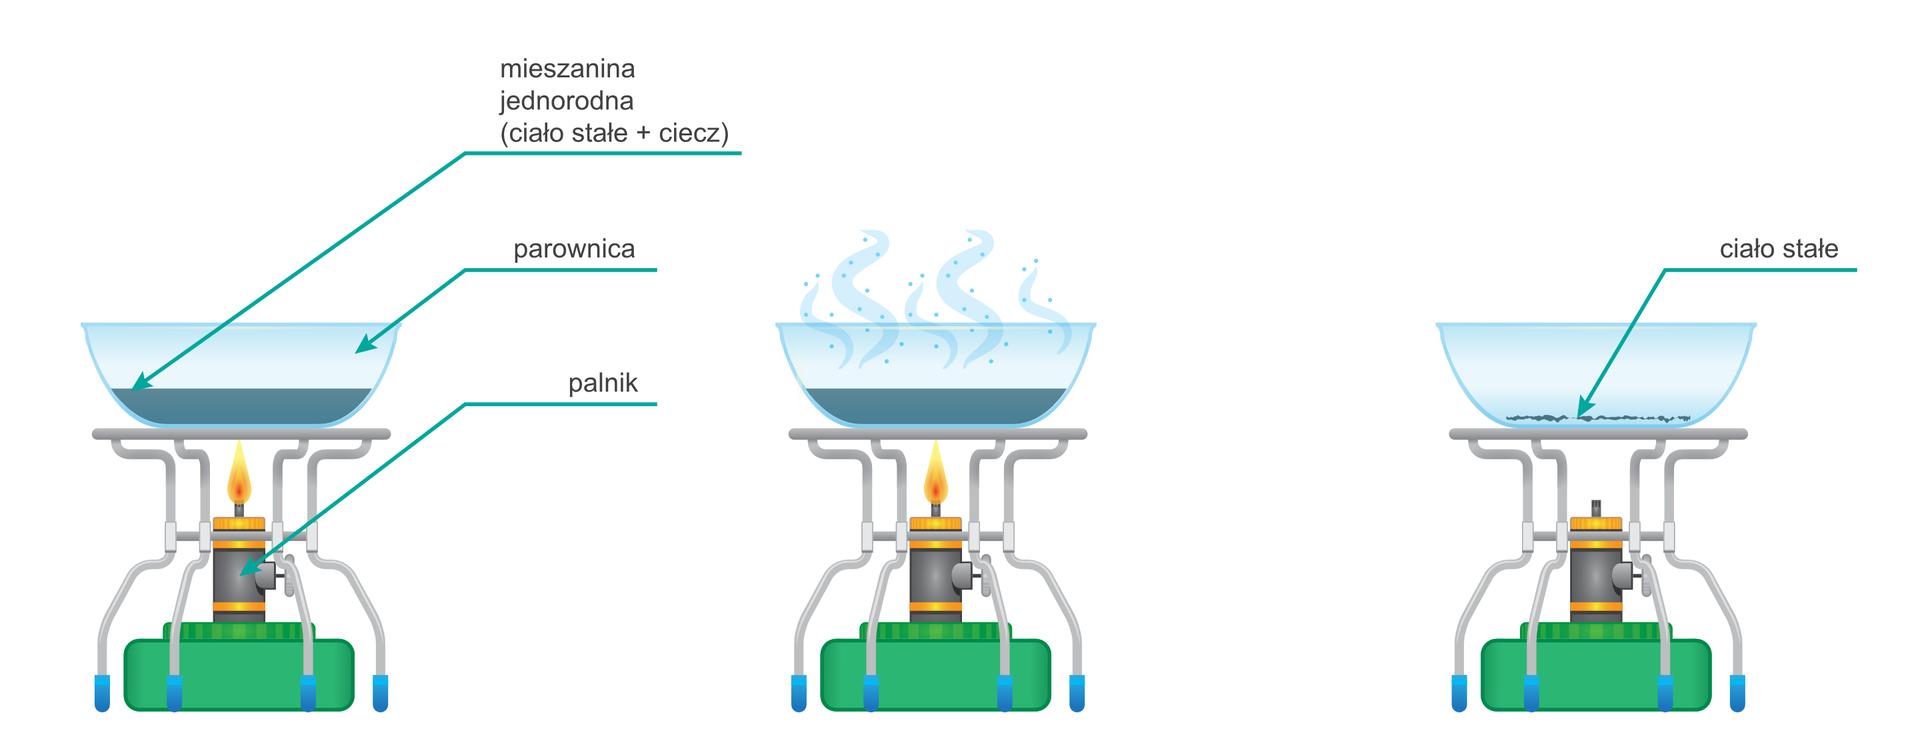 Ilustracja przedstawia proces odparowywania substancji oraz aparaturę laboratoryjną służącą do przeprowadzania tej czynności. Pierwszy obrazek, licząc od lewej strony przedstawia elementy składowe zestawu: palnik nad którym znajduje się stojak znaczyniem opisanym jako parownica. Wnaczyniu znajduje się substancja opisana jako mieszanina jednorodna ciała stałego icieczy. Drugi, środkowy obrazek przedstawia ten sam zestaw bez opisów. Palnik jest włączony, znaczynia unoszą się pary ogrzewanej substancji. Ostatni obrazek przedstawia zestaw po zakończeniu procesu. Palnik jest wygaszony, wparowniku na dnie pozostały drobiny opisane jako ciało stałe.